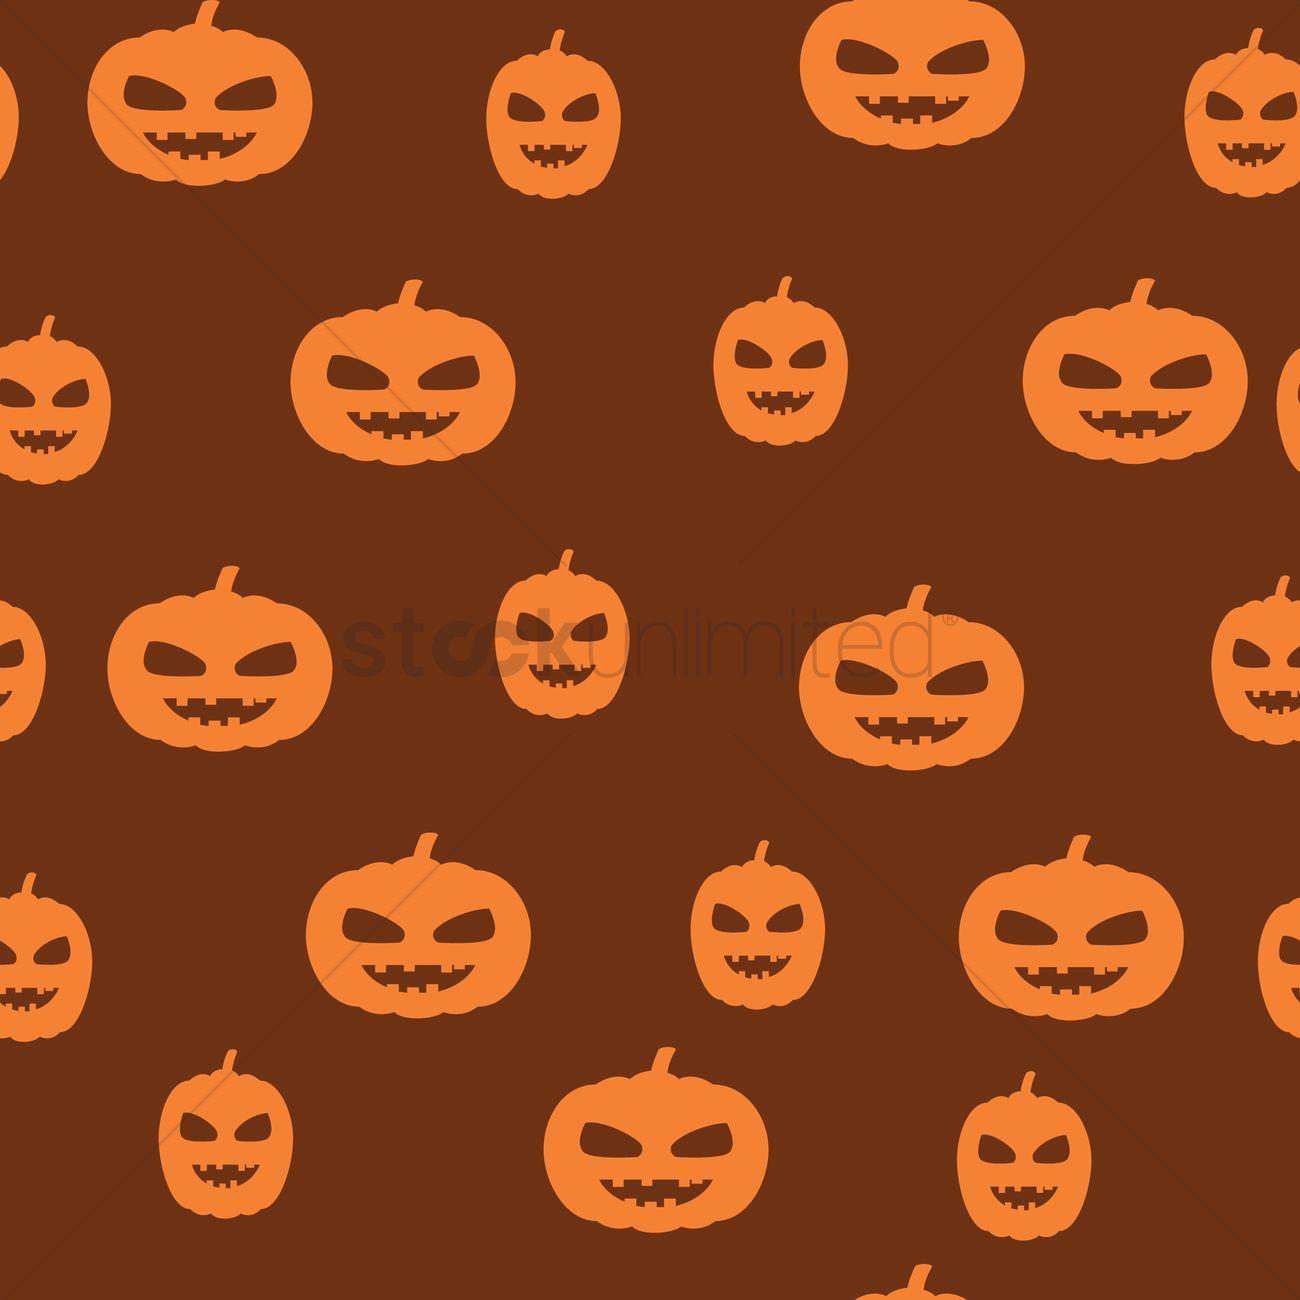 Jack O Lantern Background Vector Image 1241734 Stockunlimited